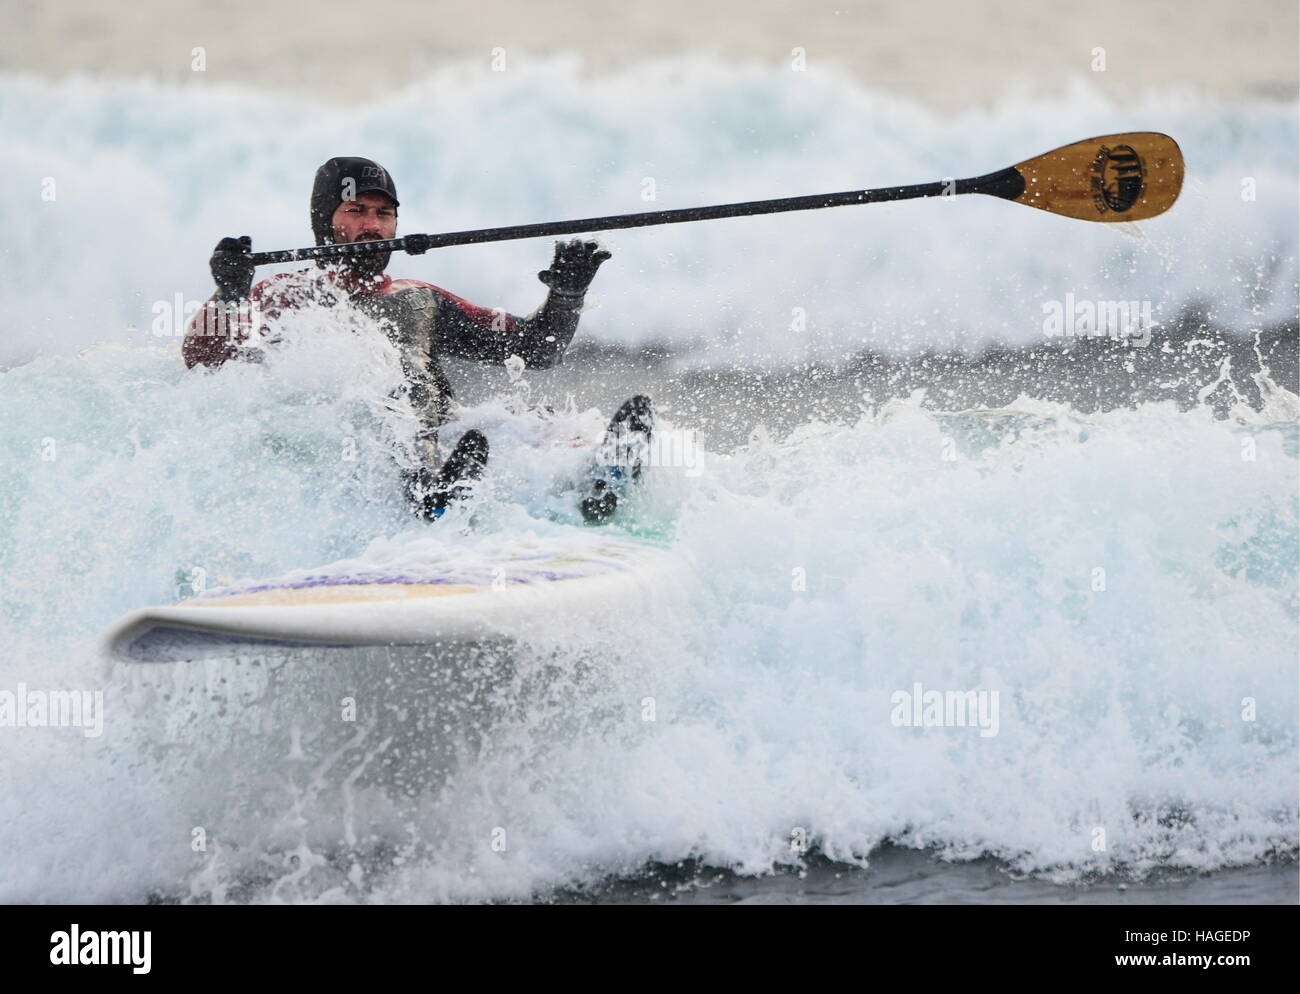 Wladiwostok, Russland. 1. Dezember 2016. Ein Mann, eine Welle zu reiten, auf Stand up Paddle Board in der Ussuri Stockfoto